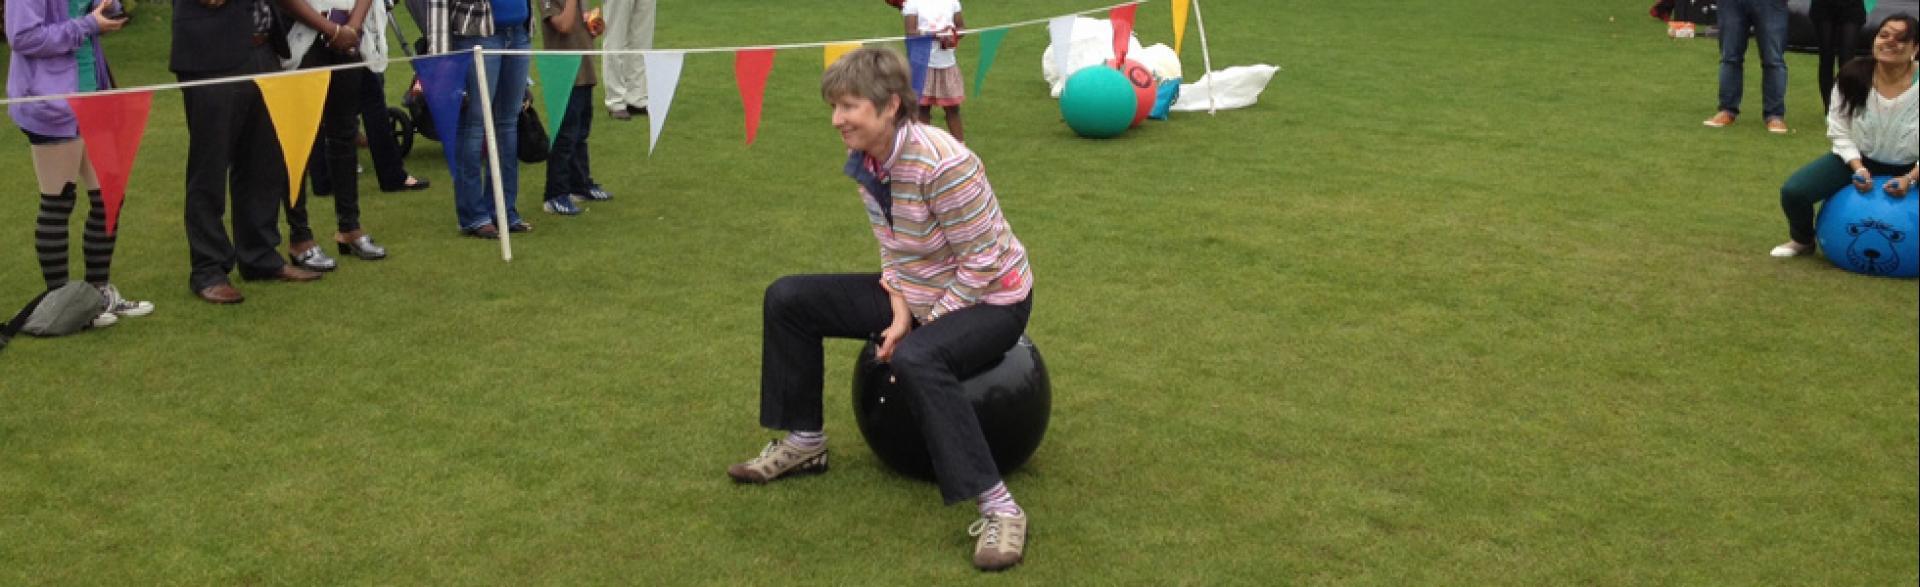 Corporate Fun Day, Aberdeen, September 2014